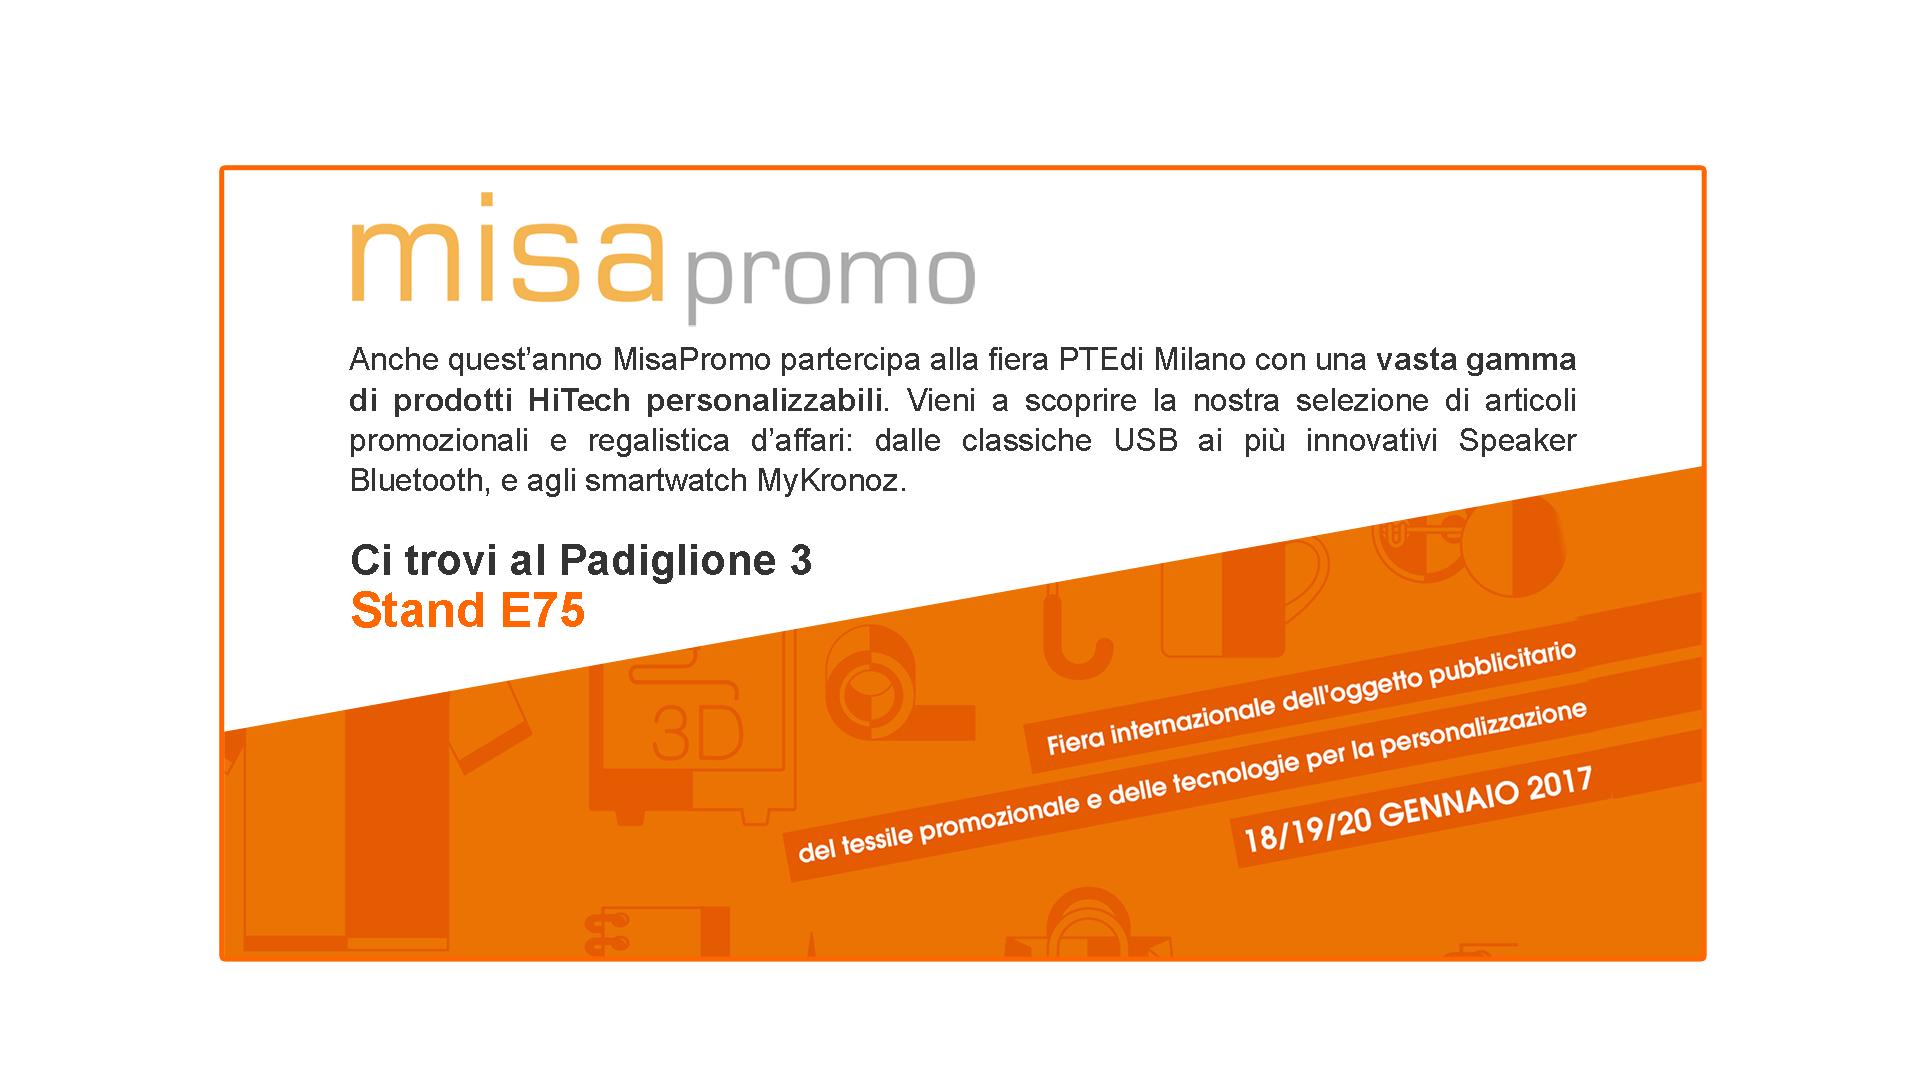 MisaPromo al PTE di Milano